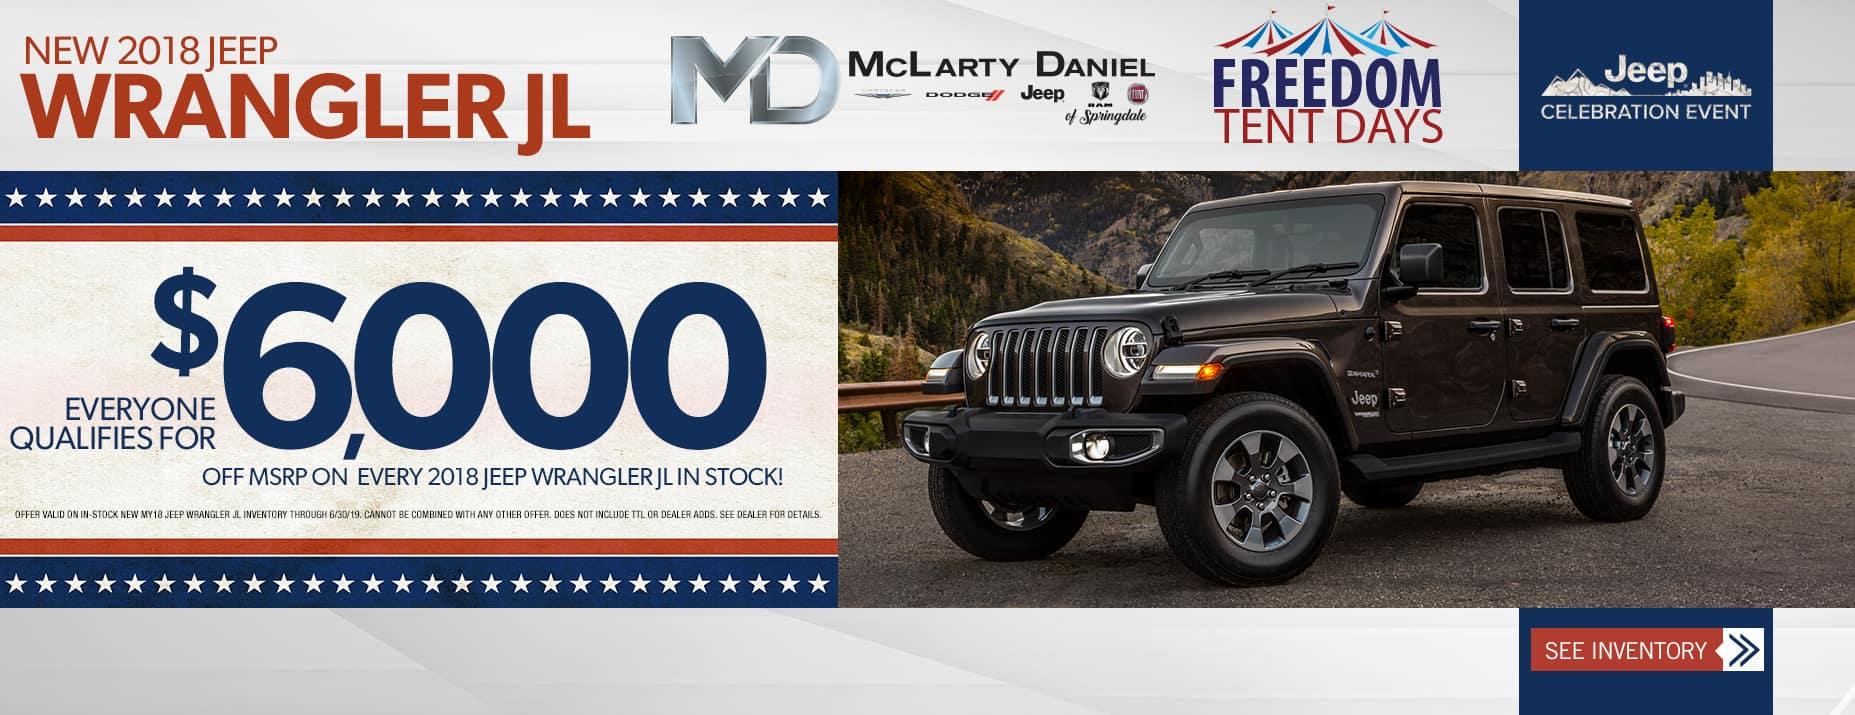 2018 Wrangler JL$6000 Off MSRP